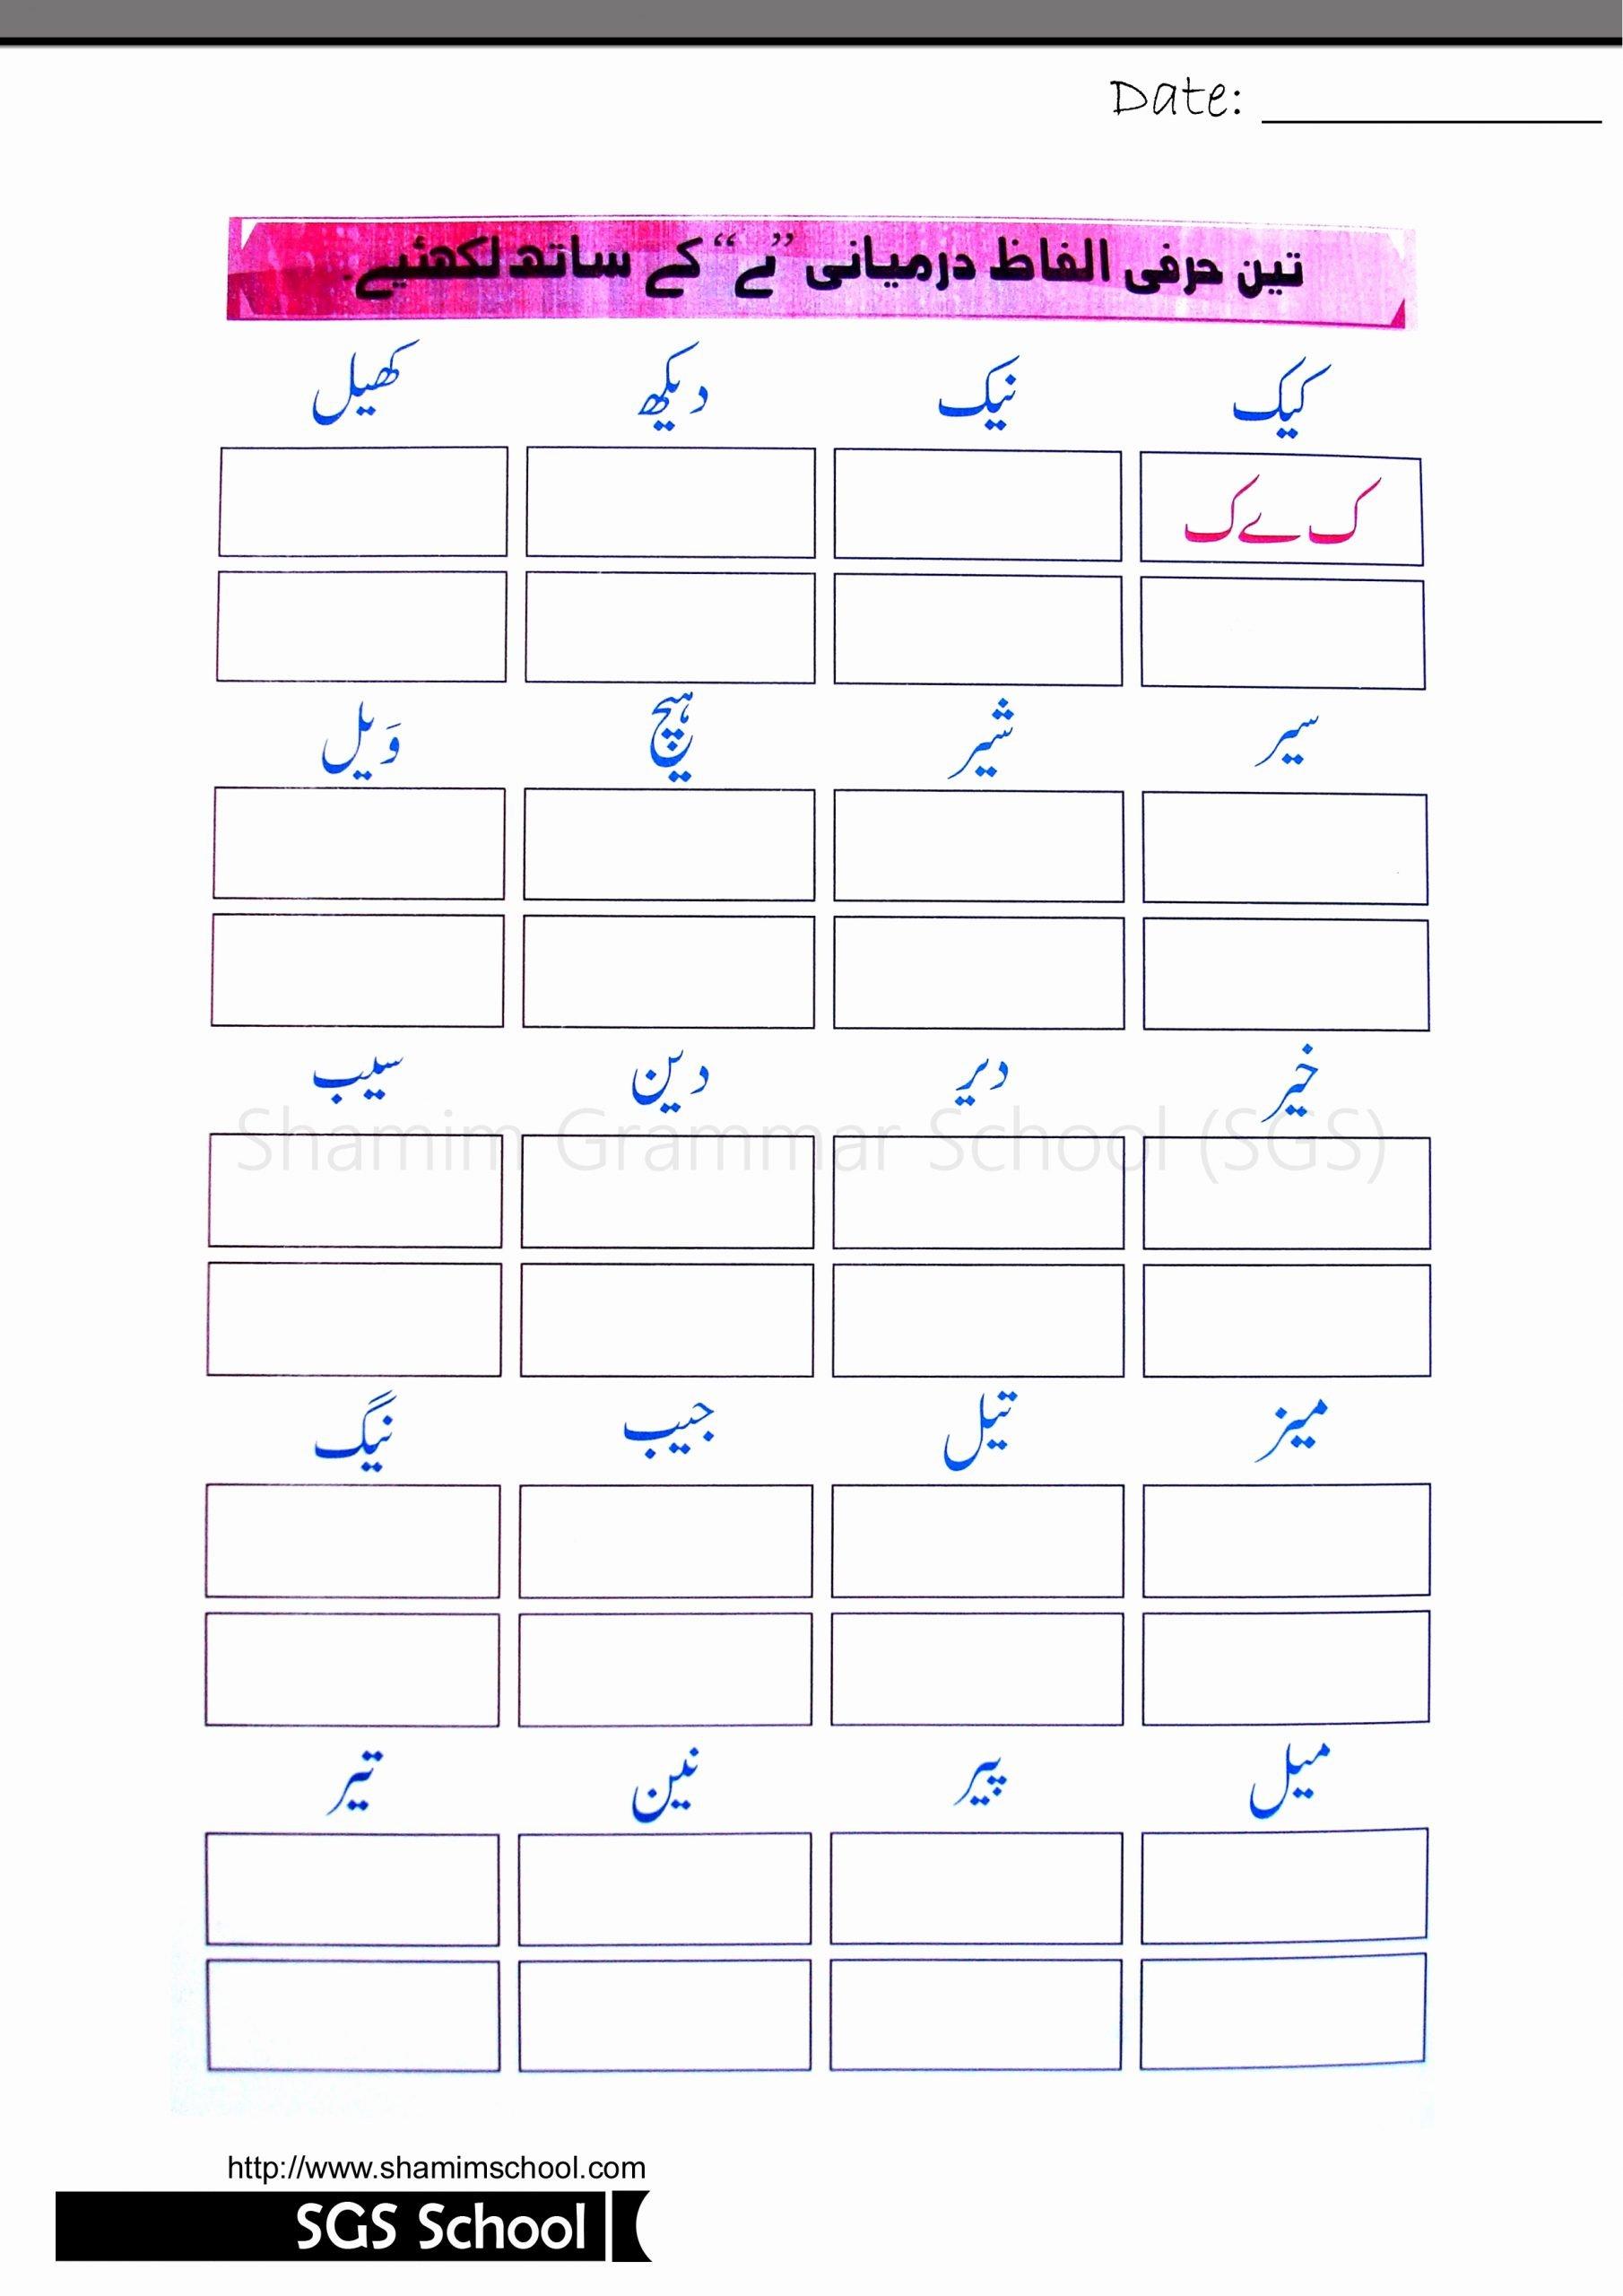 Download Urdu Worksheets for Preschoolers Beautiful Free Printable Urdu Jod tod & Jod tod Sample Worksheets for